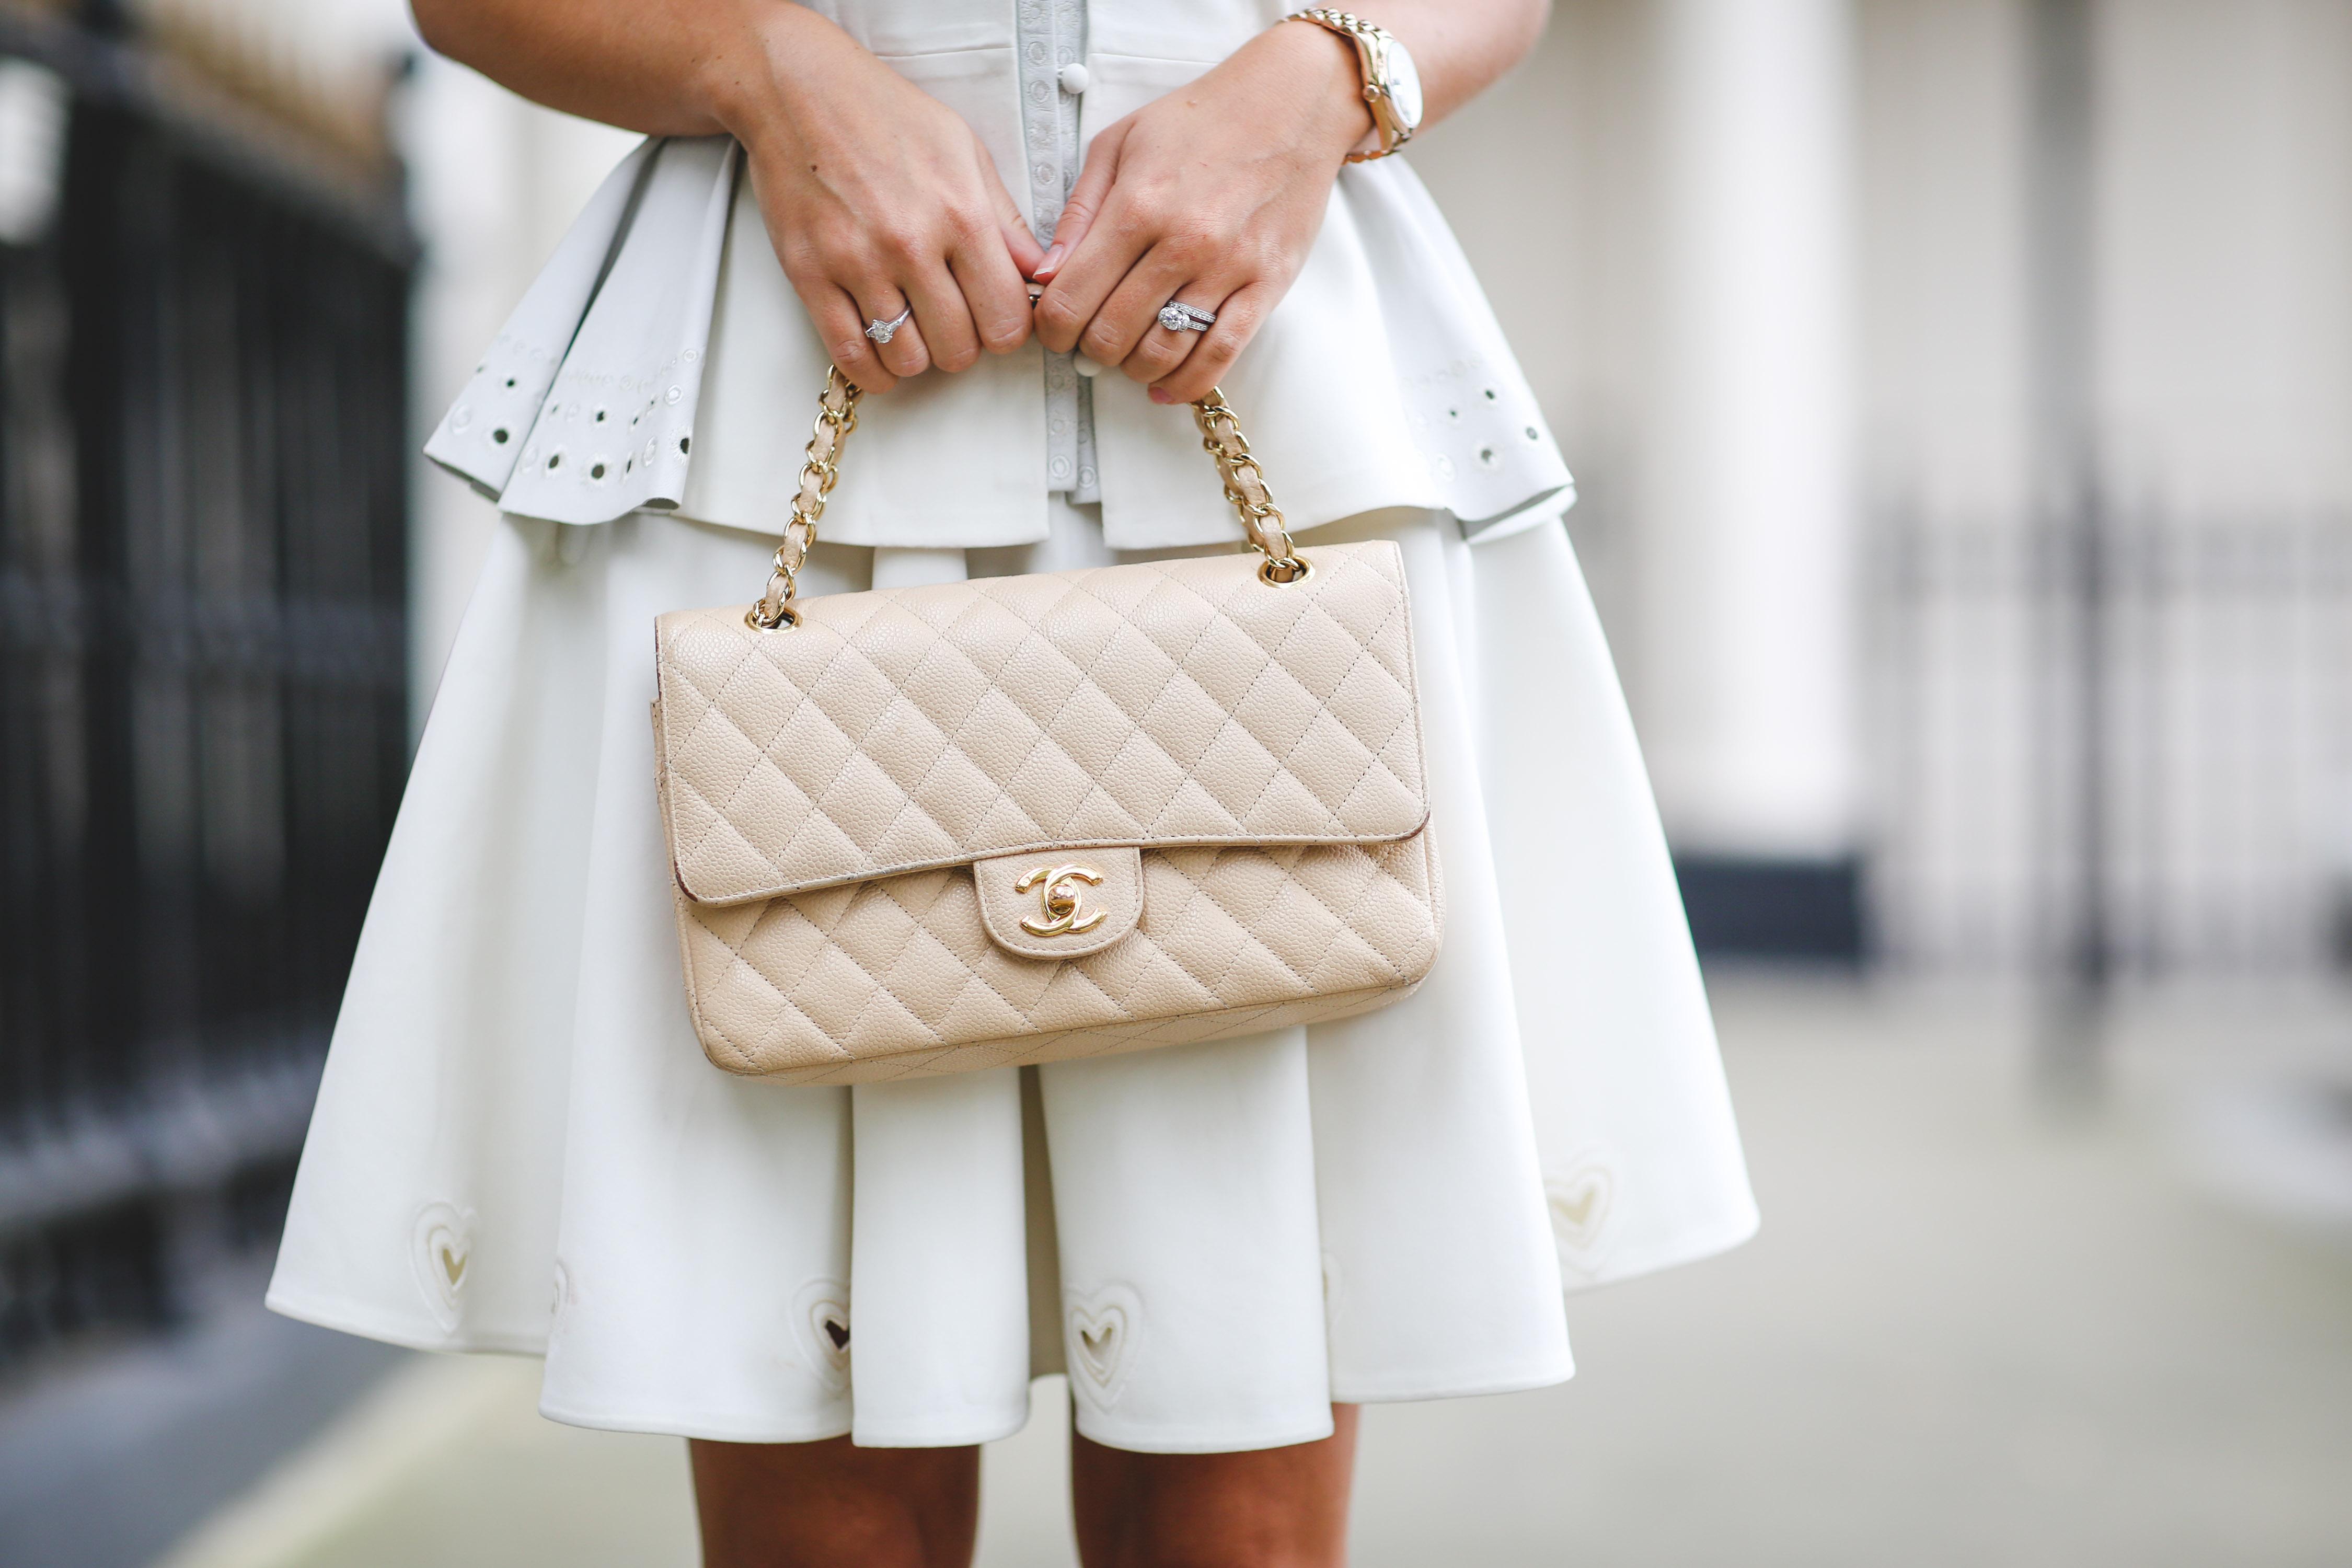 chanel-classic-flap-bag-1